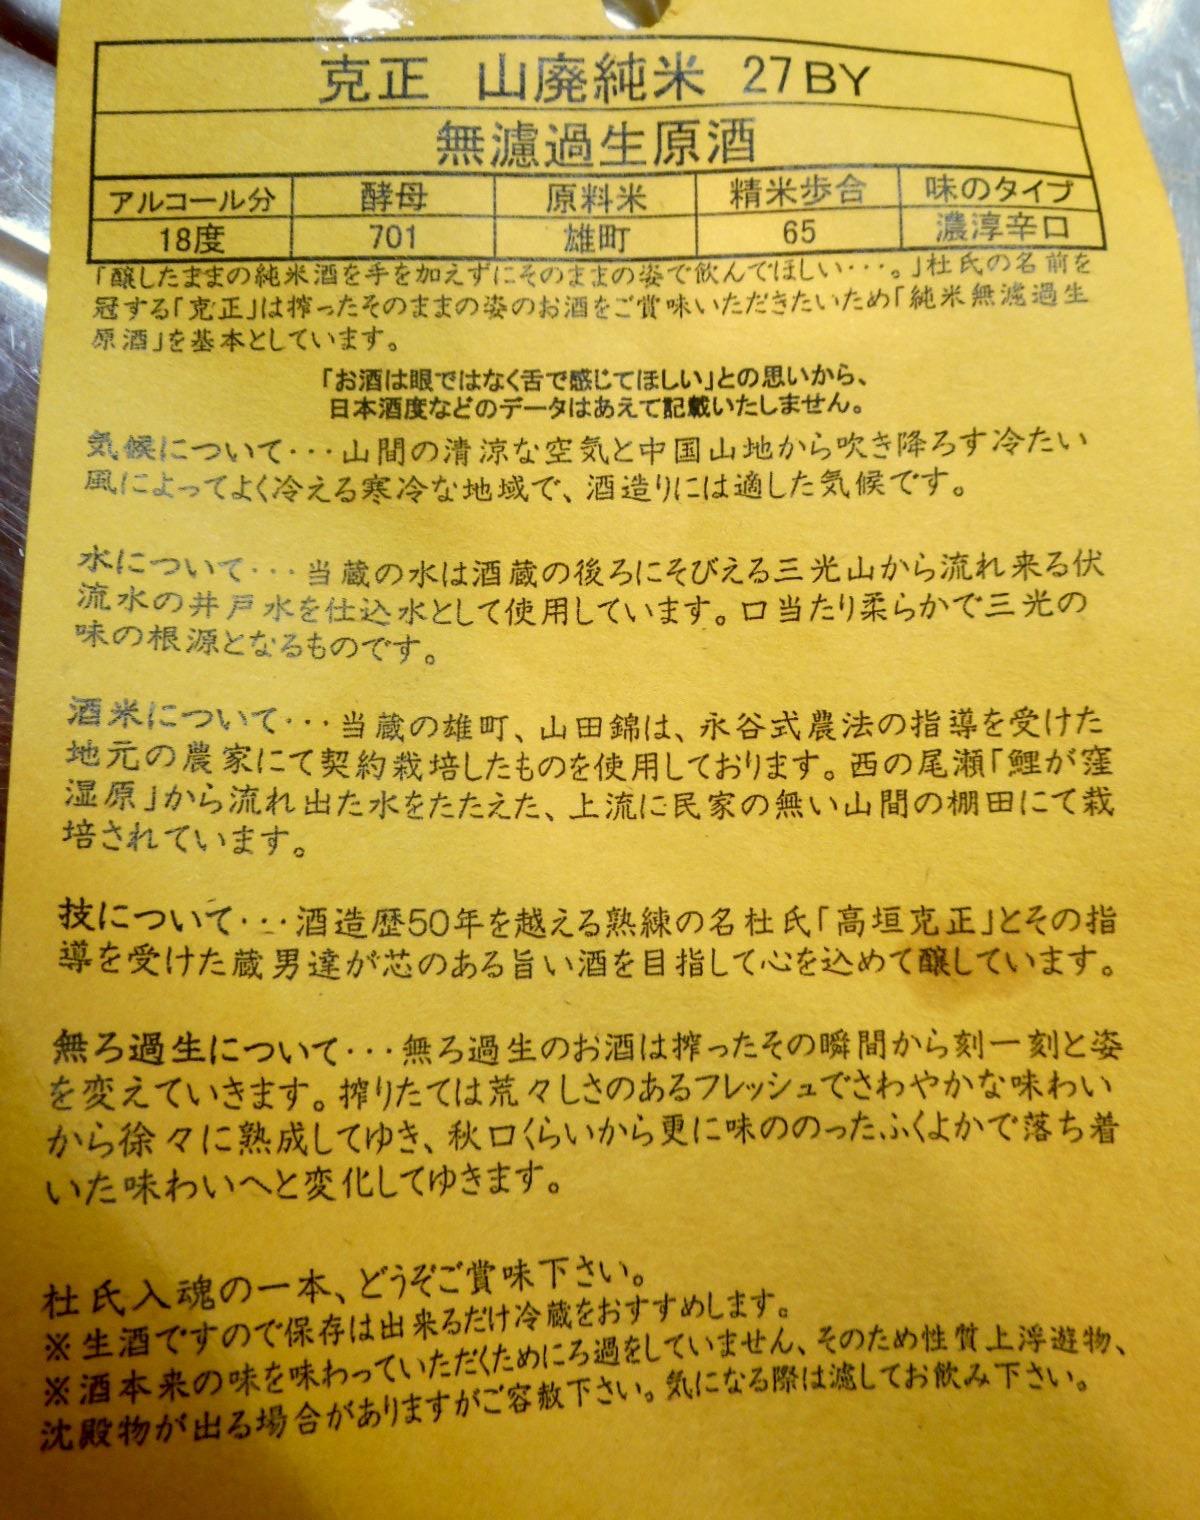 katsumasa_omachi27by4.jpg